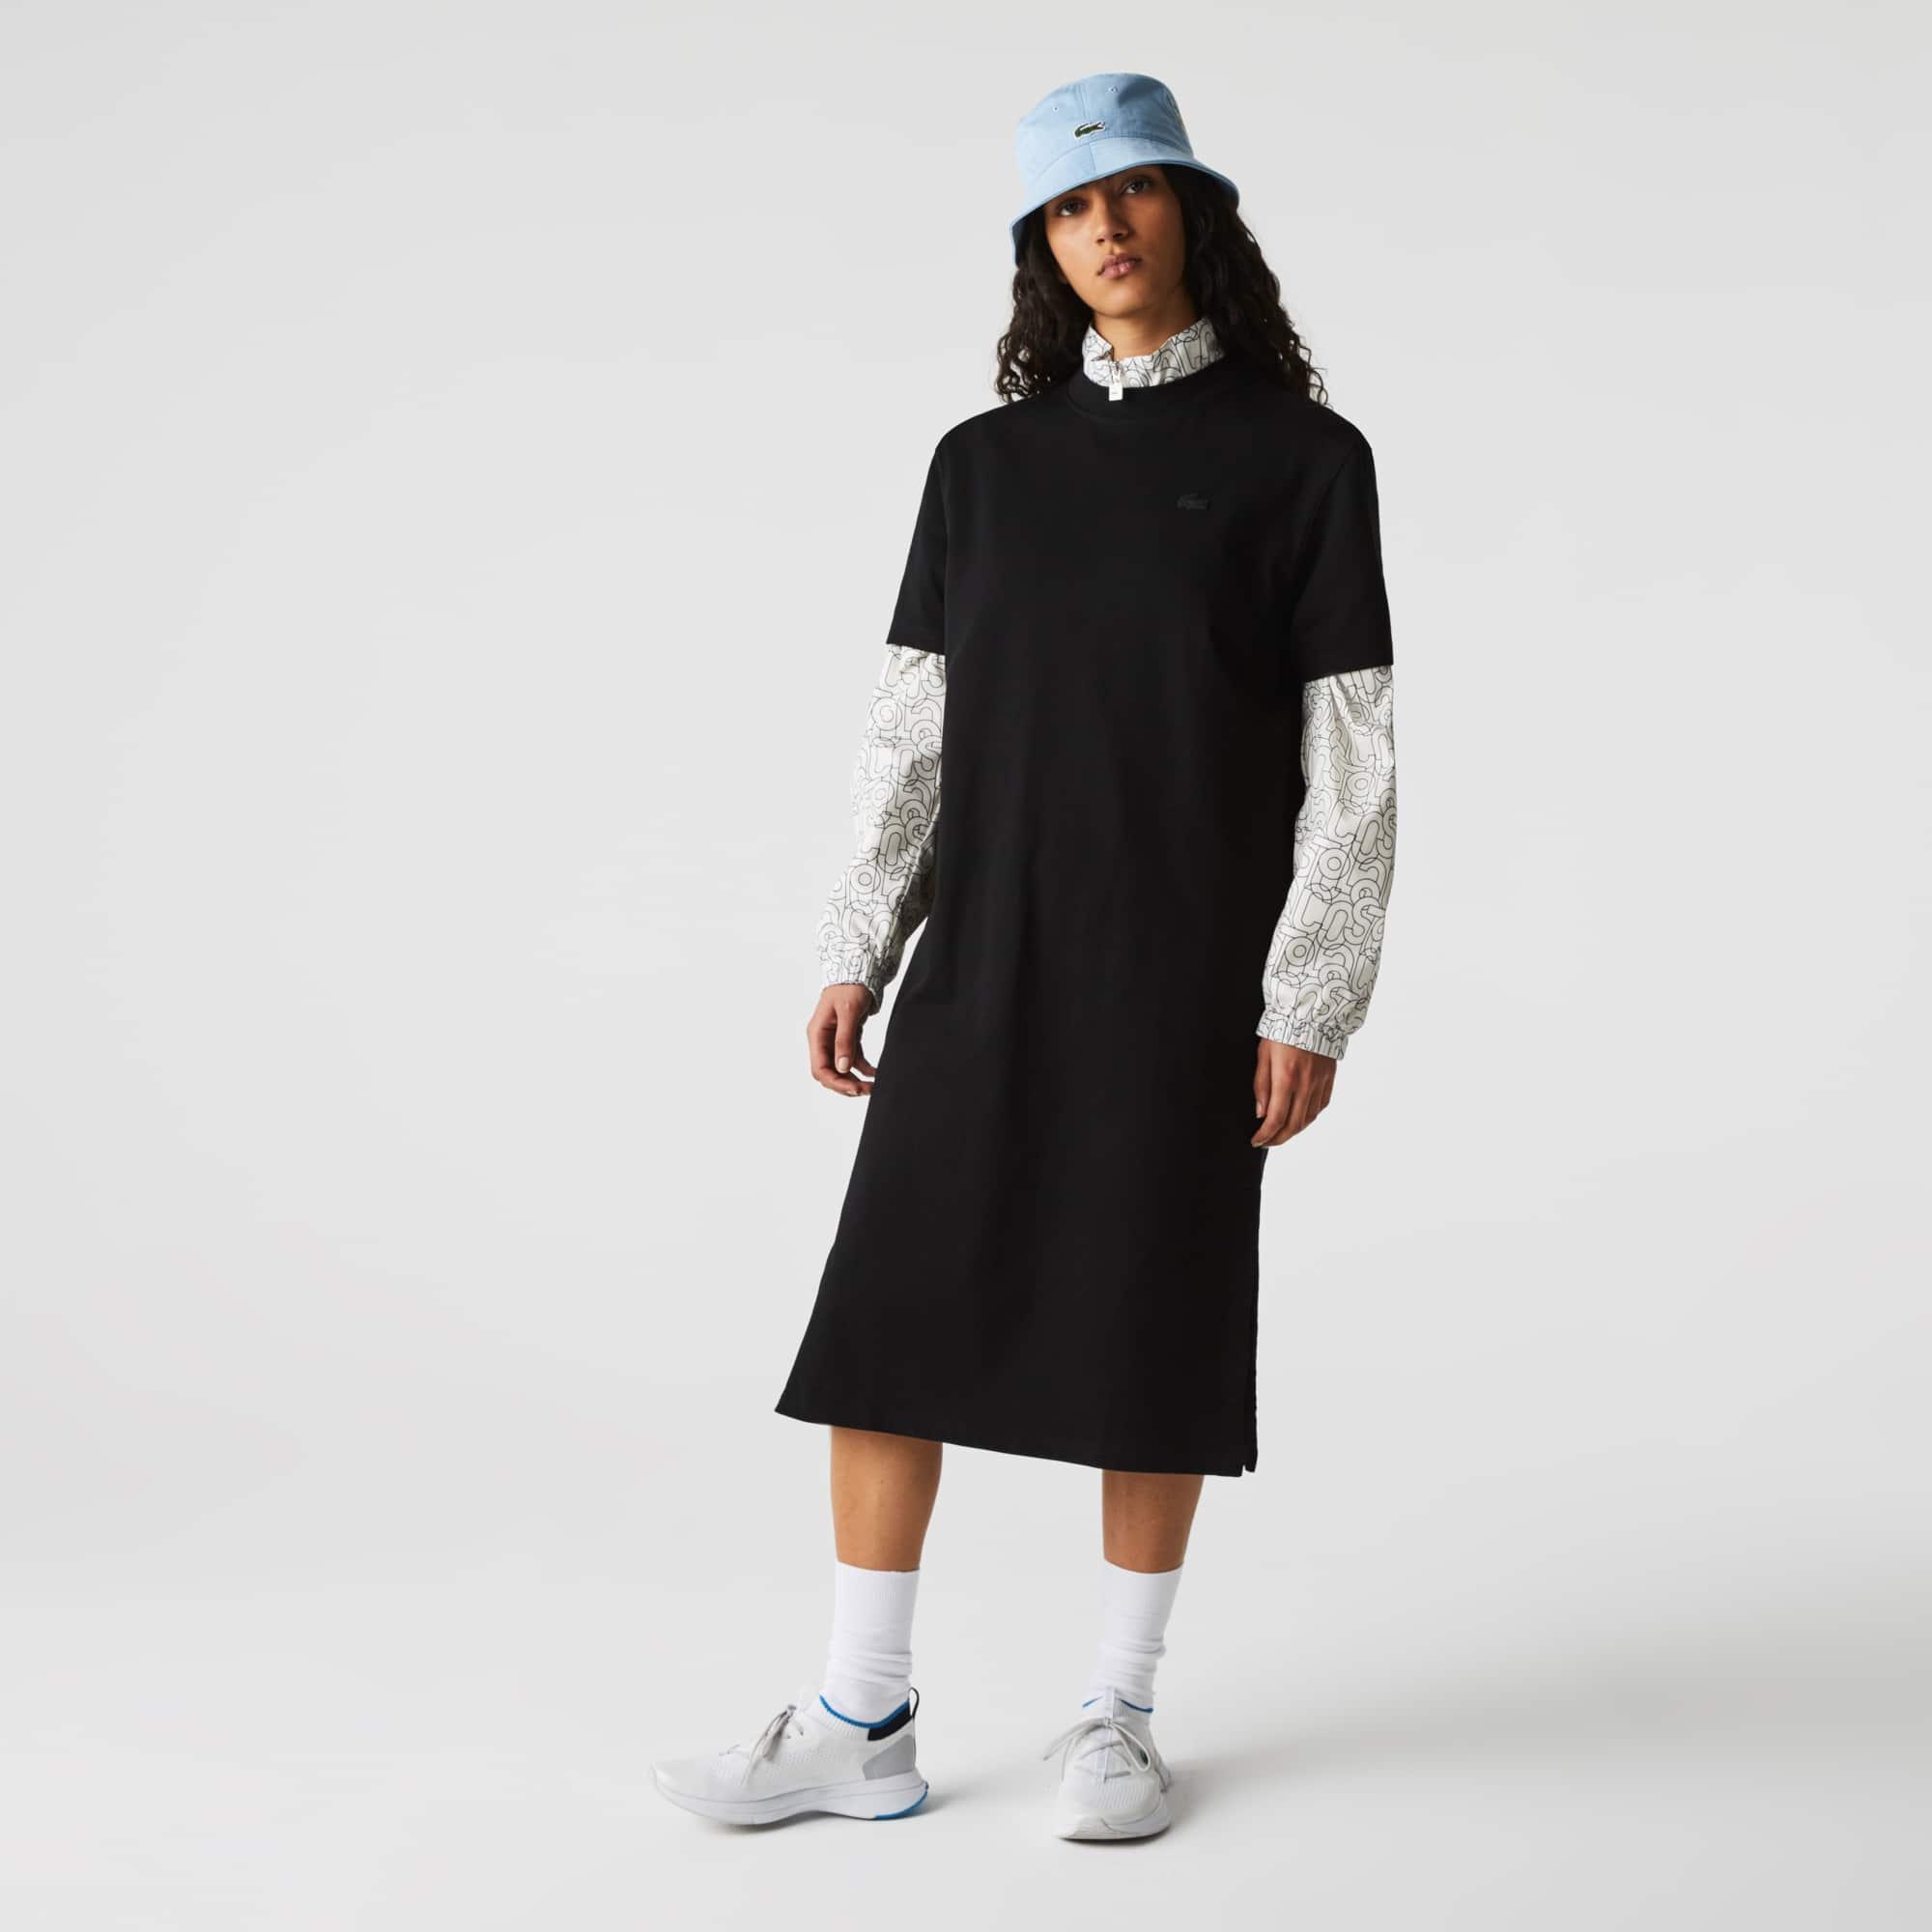 라코스테 라이브 티셔츠 원피스 Lacoste Women's LIVE Print Cotton T-shirt Dress